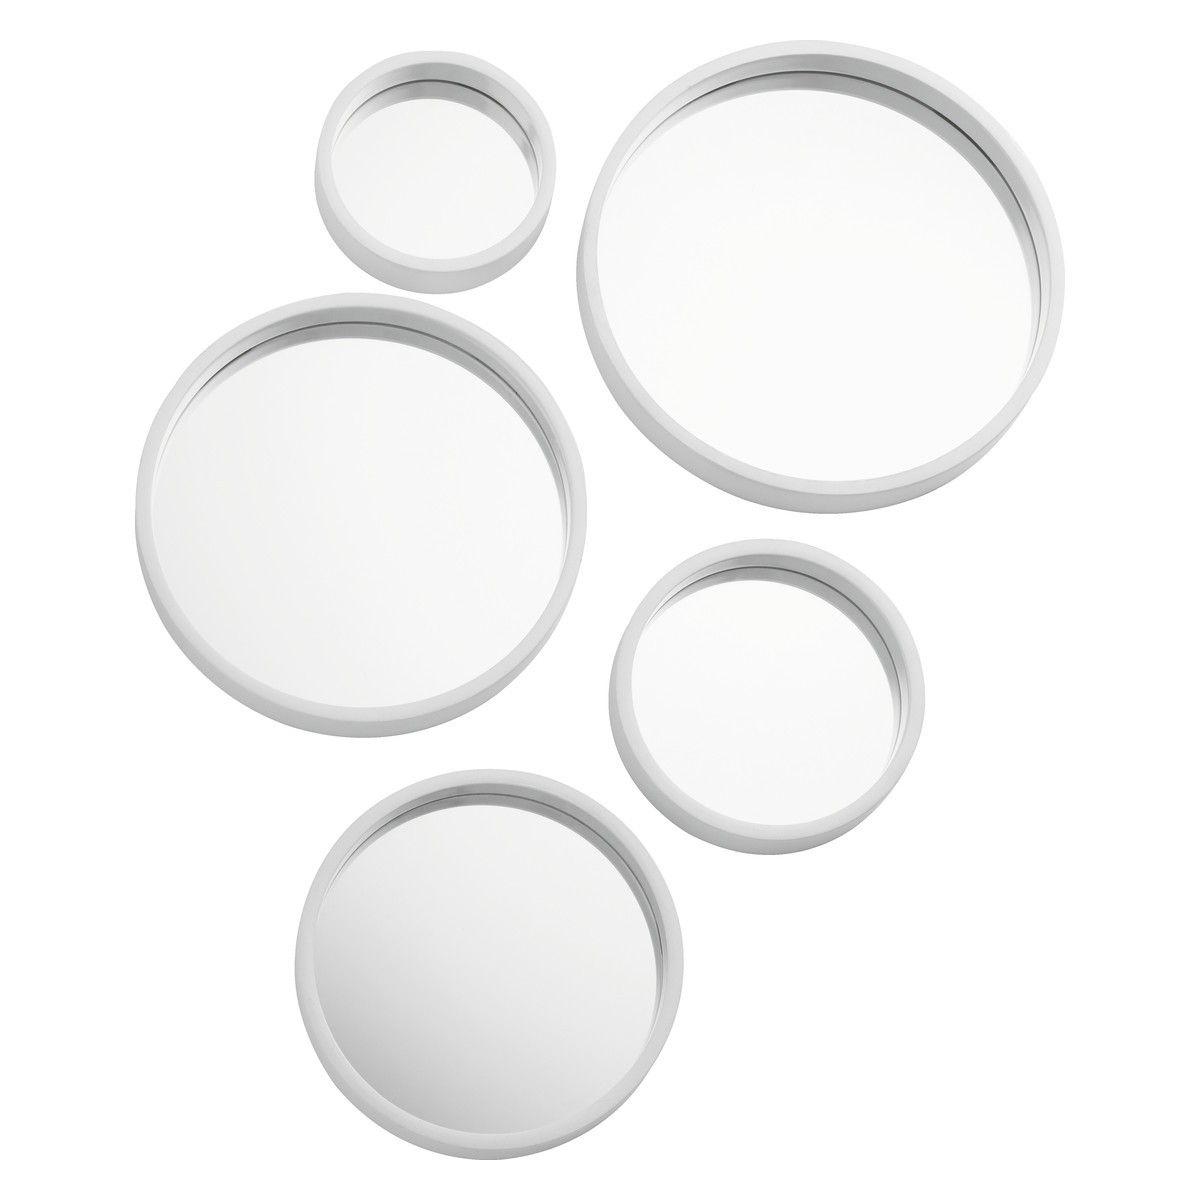 MIRROR MIRROR Set of 5 white round mirrors   Buy now at ...